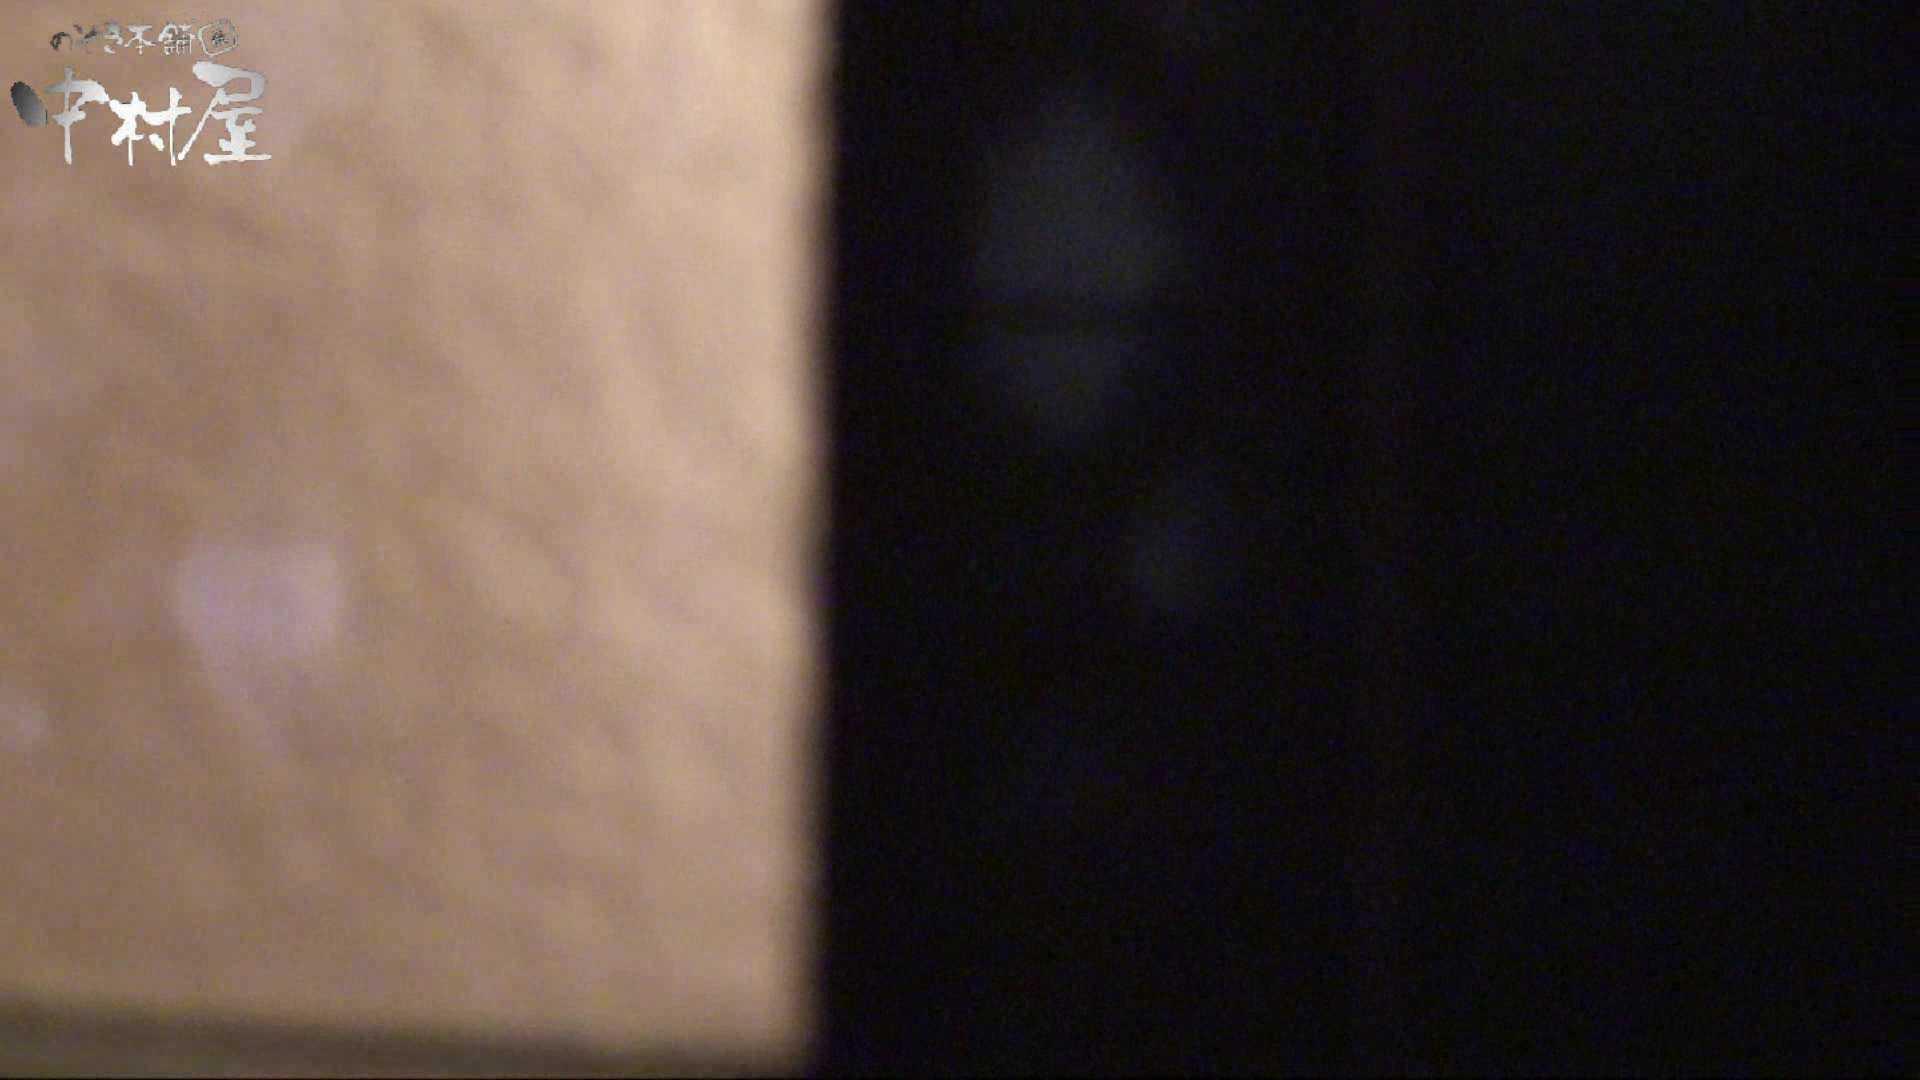 民家盗撮 隙間の向こう側 vol.01 シャワー アダルト動画キャプチャ 105PICs 15